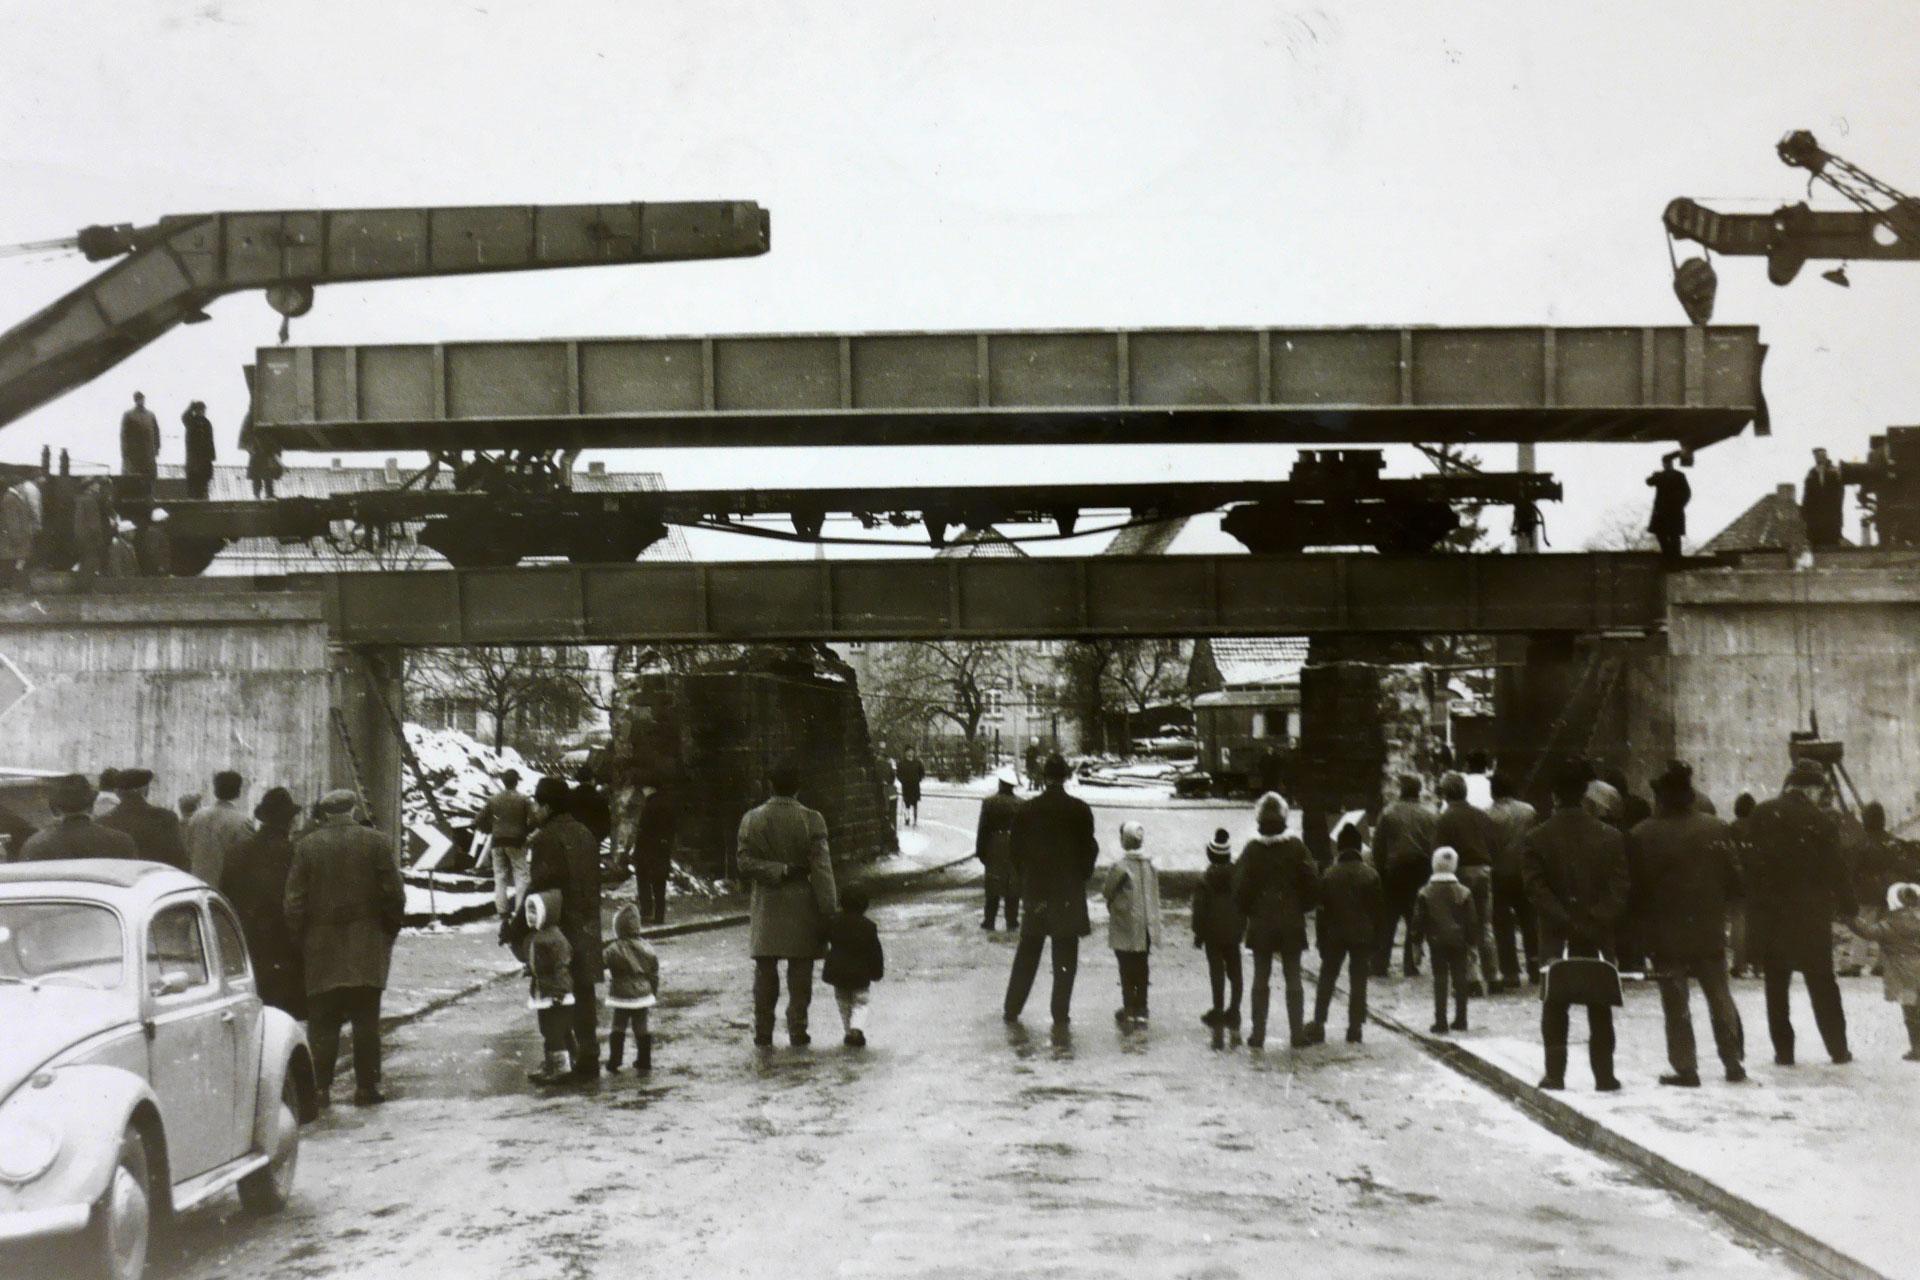 Am 03. Dezember 1969 schauten Wunstorfer Passanten neugierig zu, wie an der Kolenfelder Straße Eisenbahnträger für die neue Eisenbahnbrücke geliefert wurden. | Foto: Stadtarchiv Wunstorf, Nachlass Armin Mandel